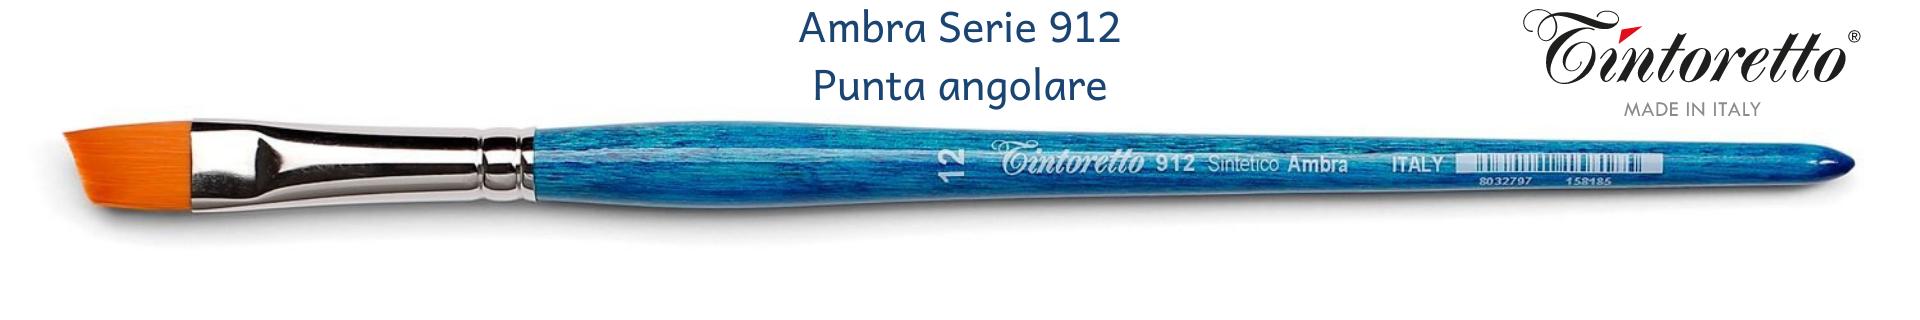 Tintoretto Ambra 912 Piatti angolari